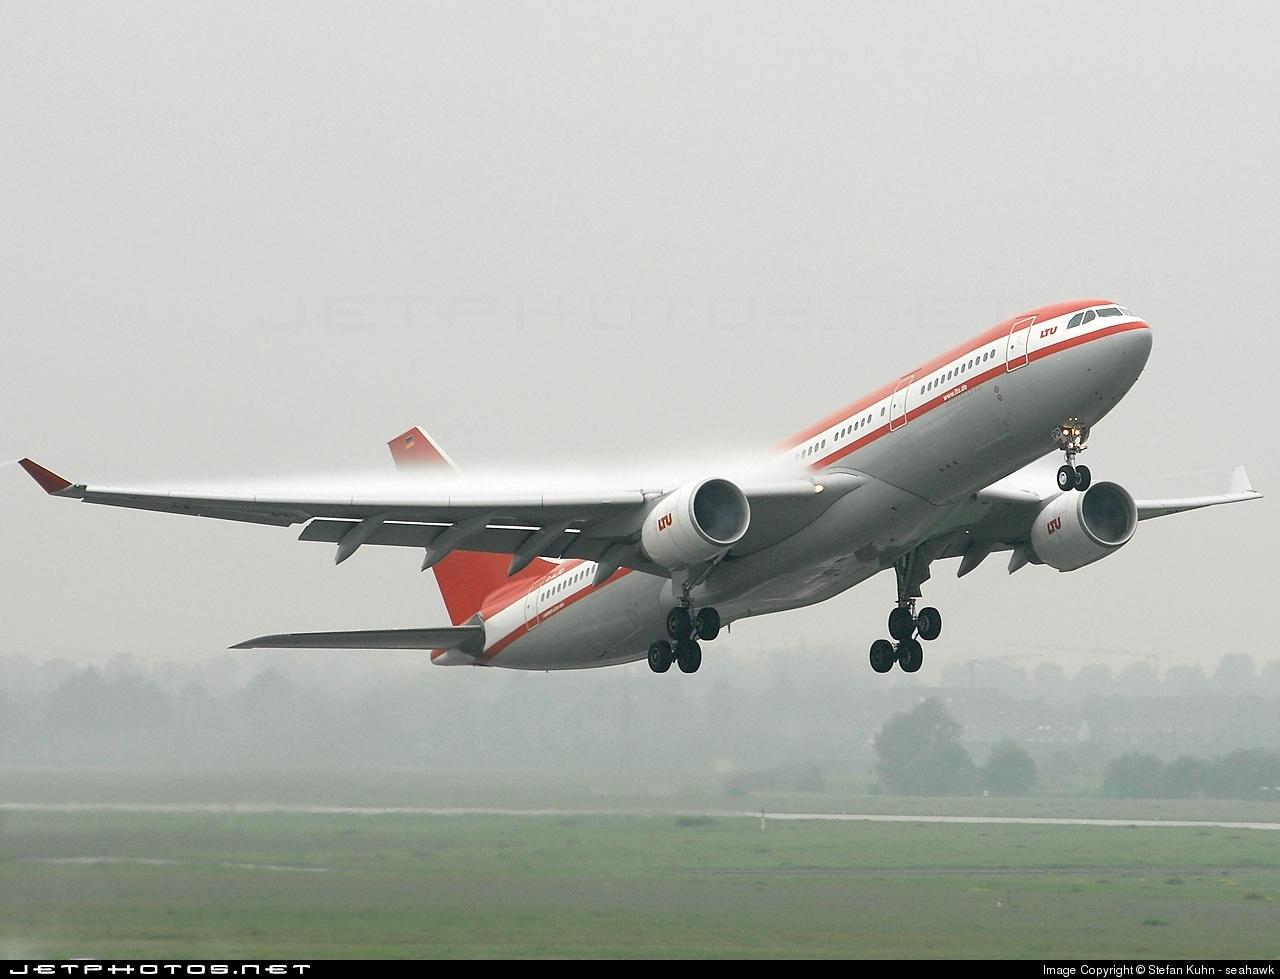 D-ALPD - Airbus A330-223 - LTU